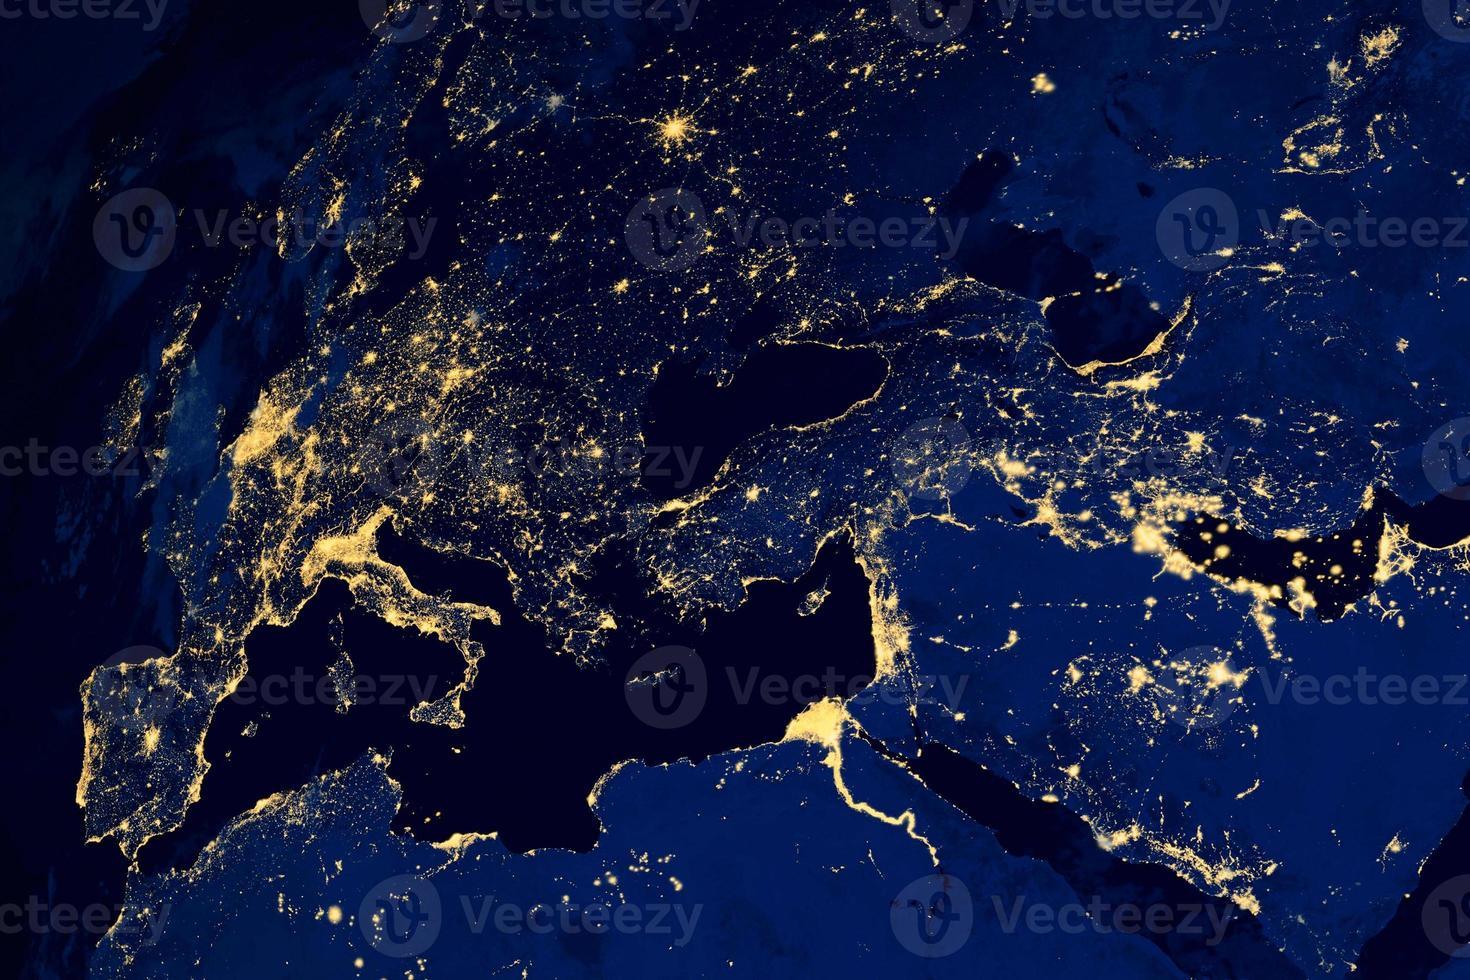 satellit karta över europeiska städer på natten foto